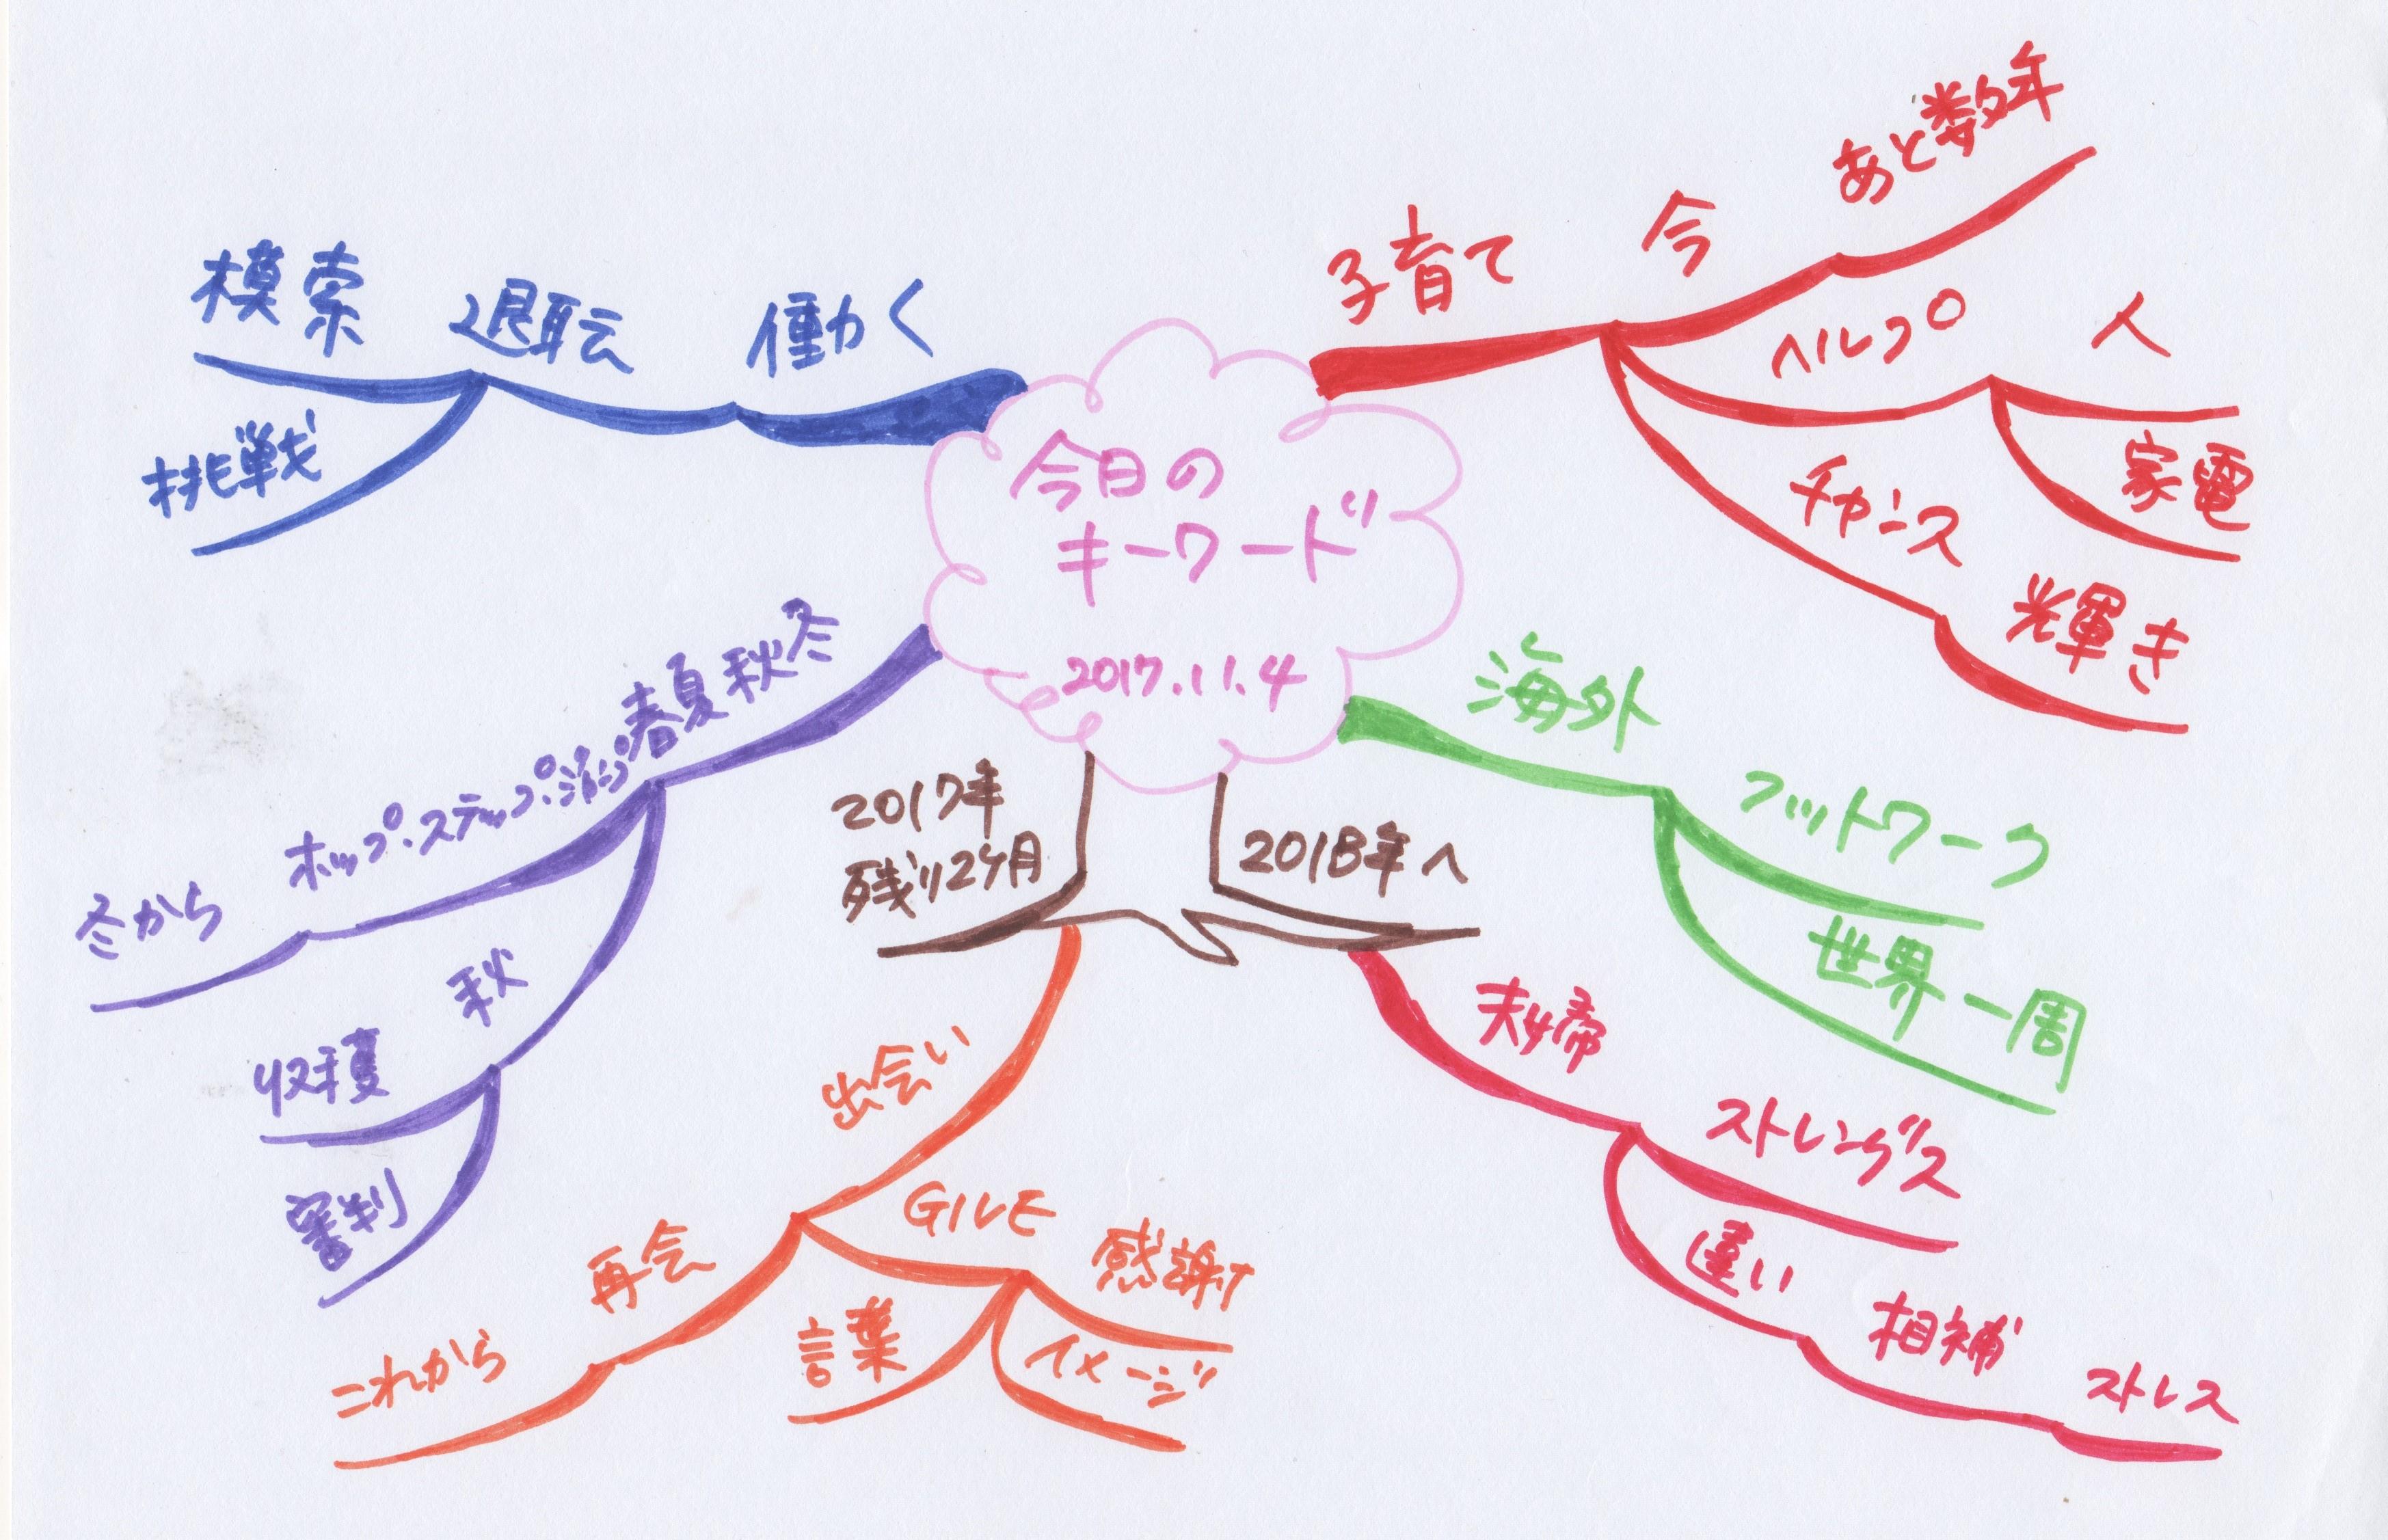 マインドマップ 例